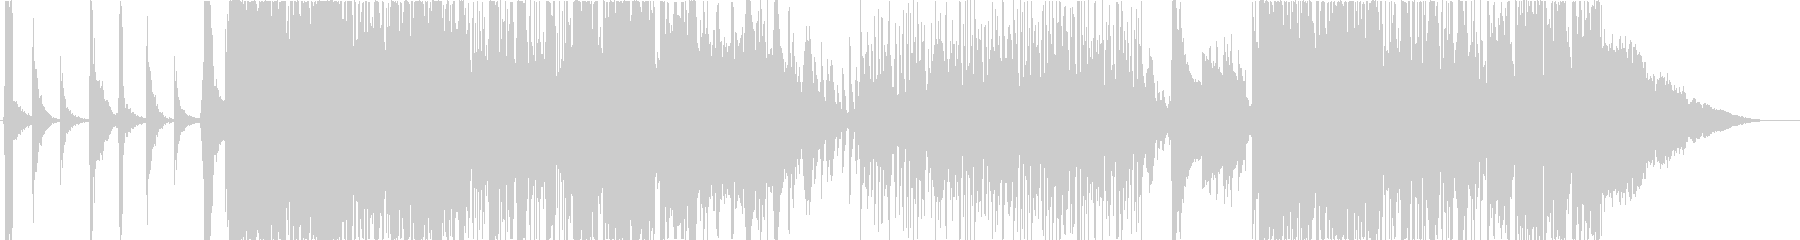 和楽器と重低音サウンドのお祭りロックの未再生の波形